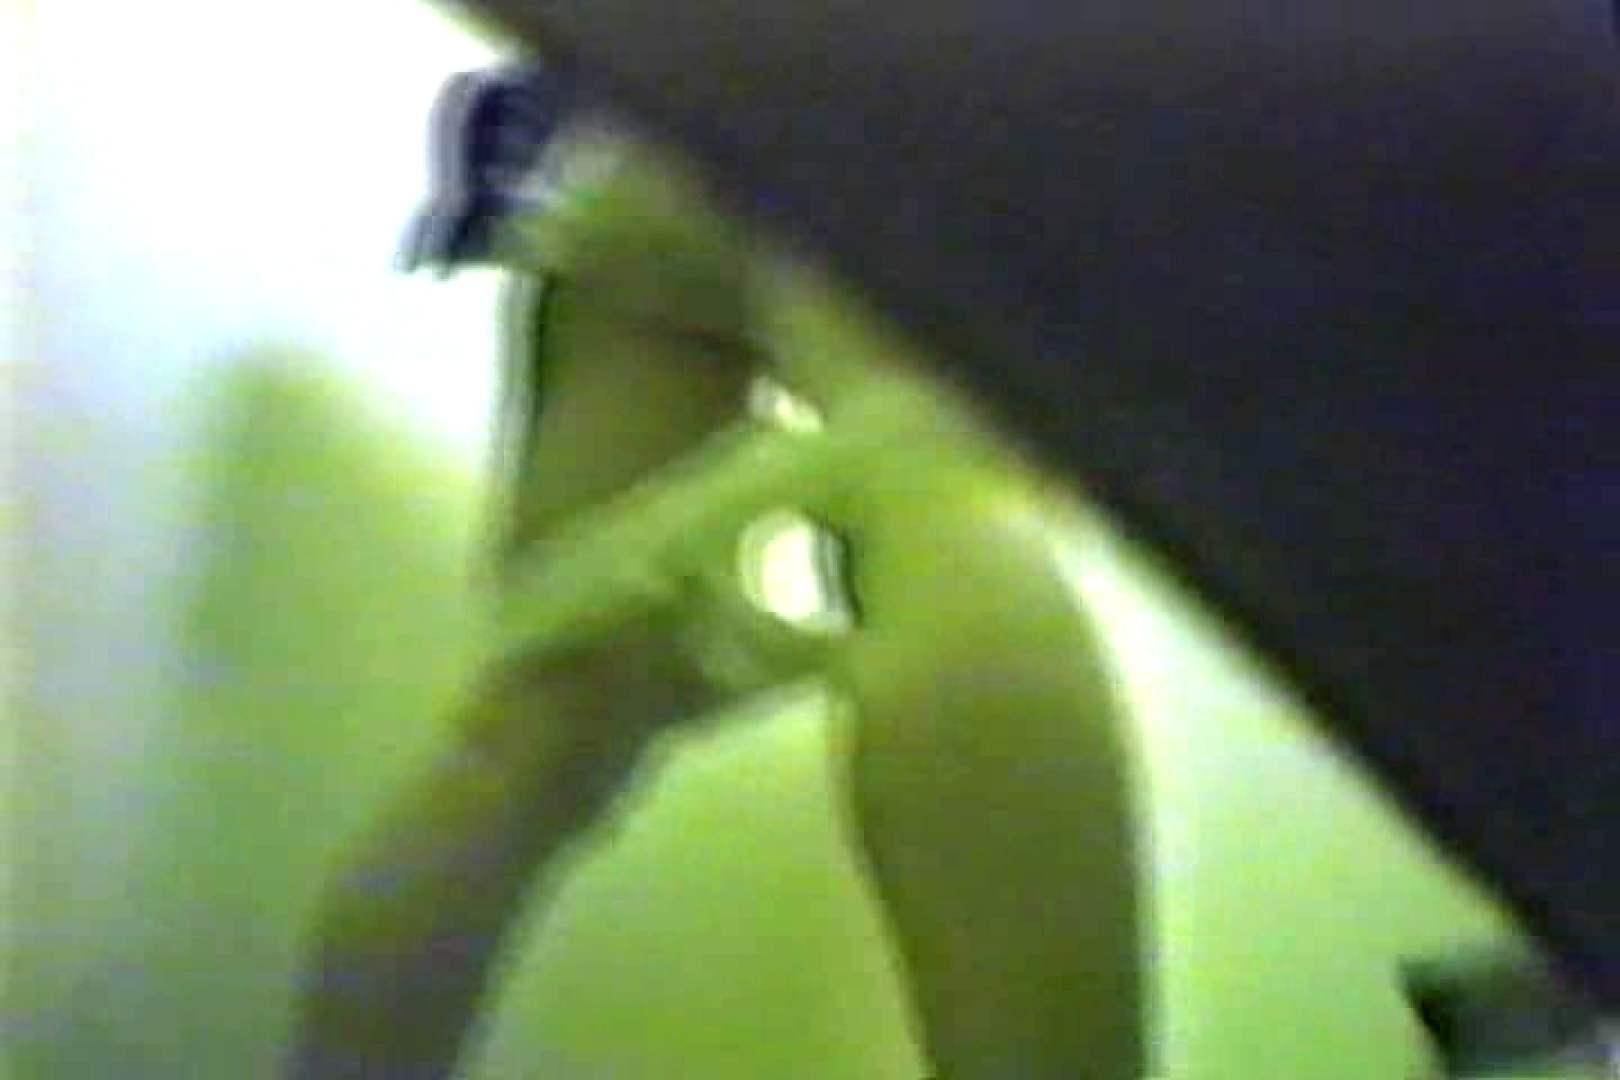 個室狂いのマニア映像Vol.1 おまんこ無修正  95画像 60